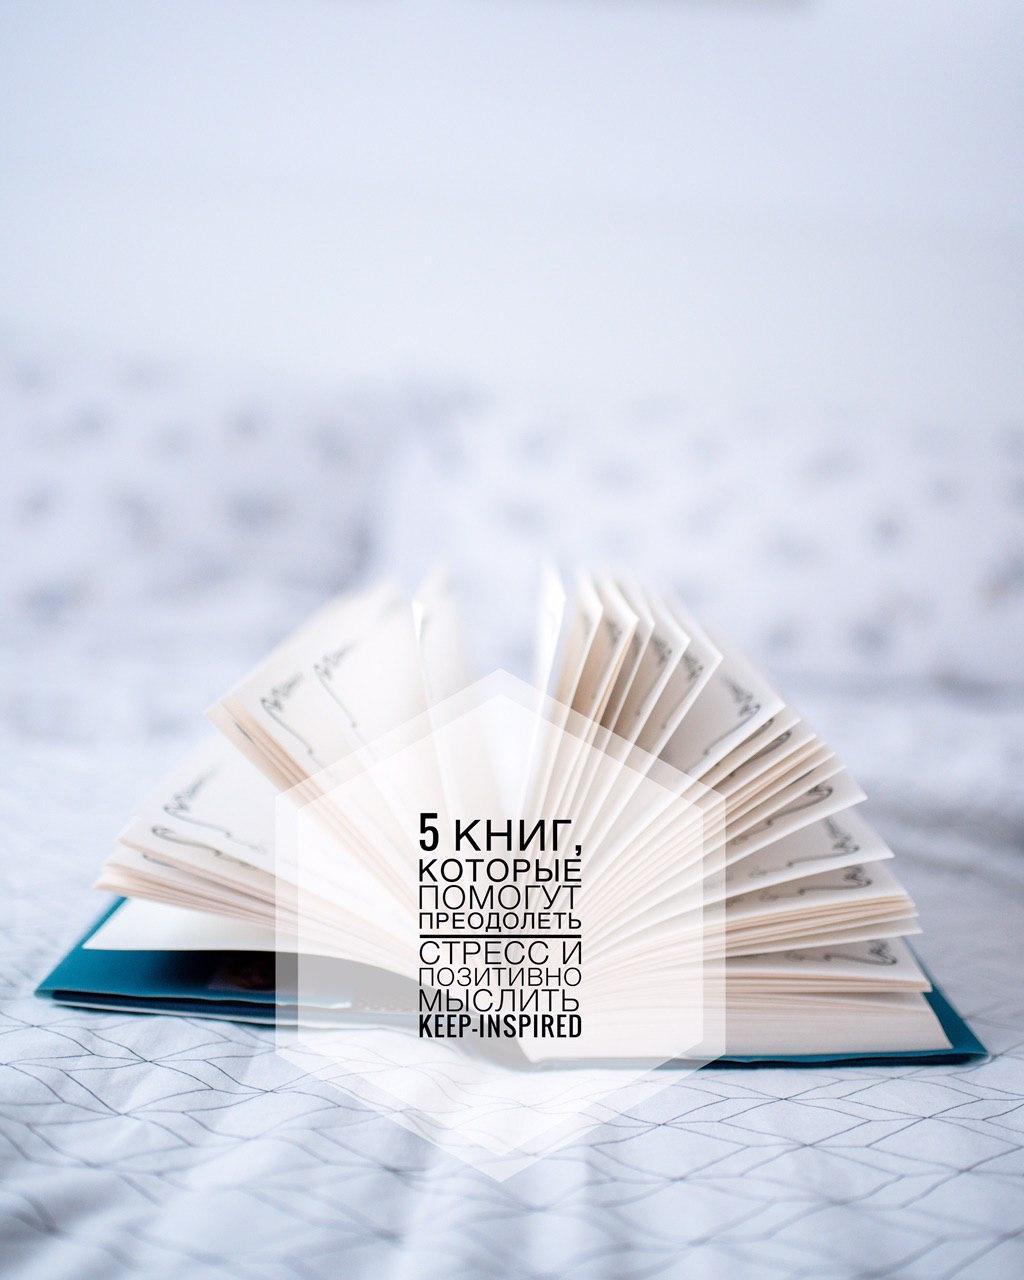 5 книг для позитивного мышления